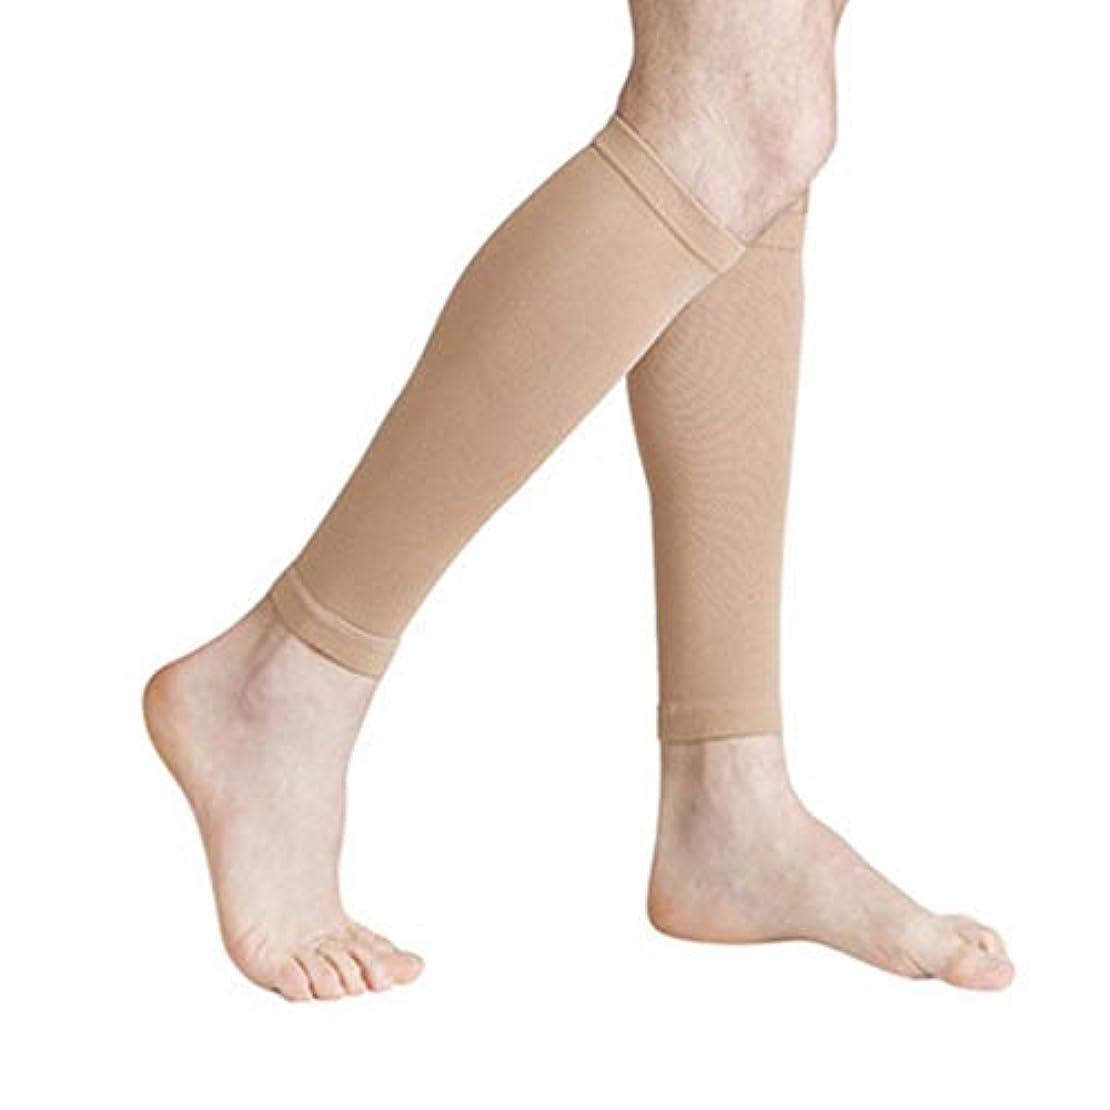 恐怖グラフィック解凍する、雪解け、霜解け丈夫な男性女性プロの圧縮靴下通気性のある旅行活動看護師用シントスプリントフライトトラベル - 肌色